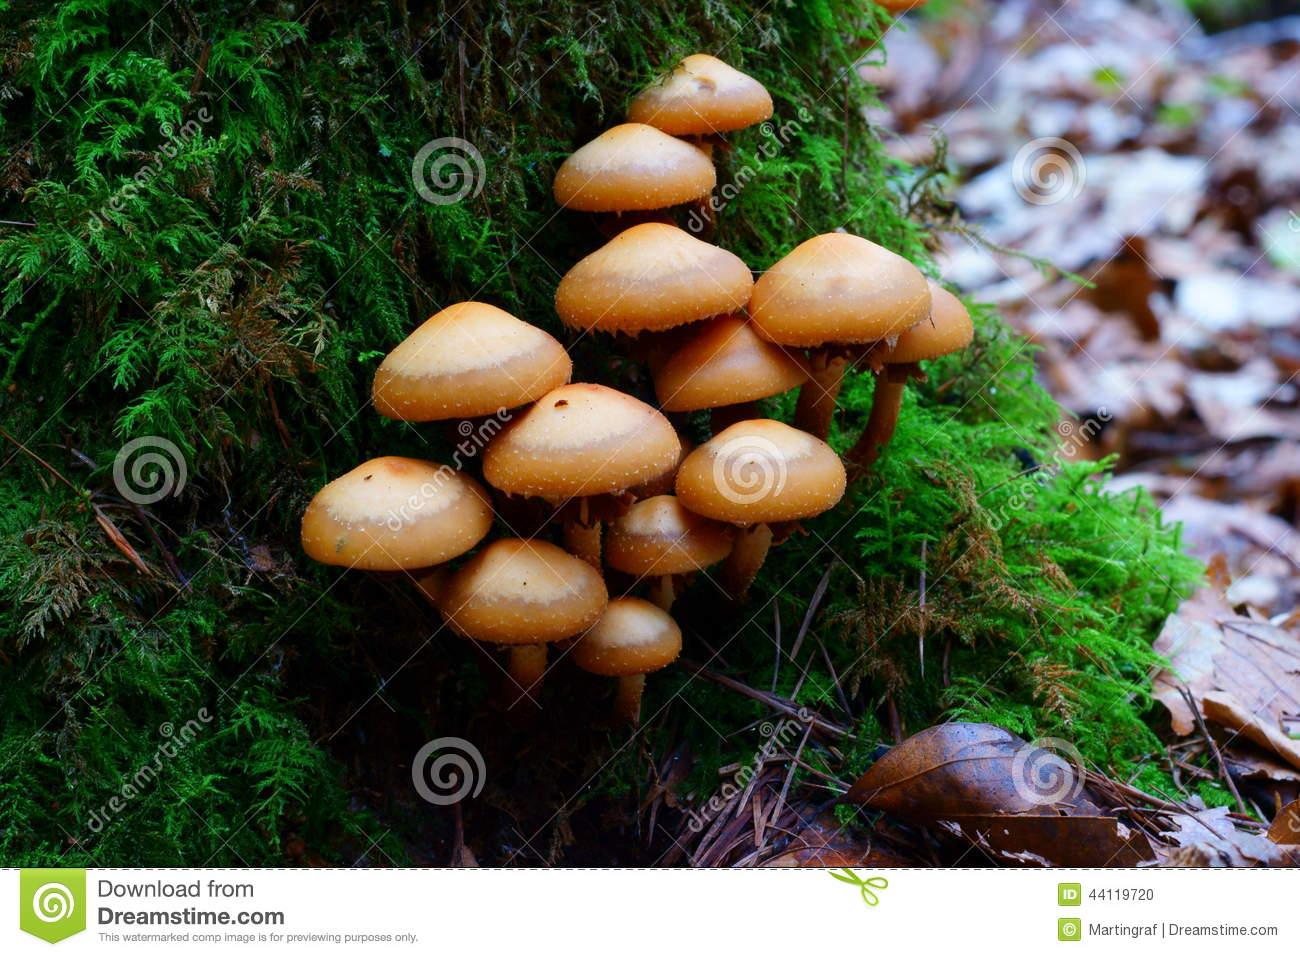 Mushroom tree stump clipart.